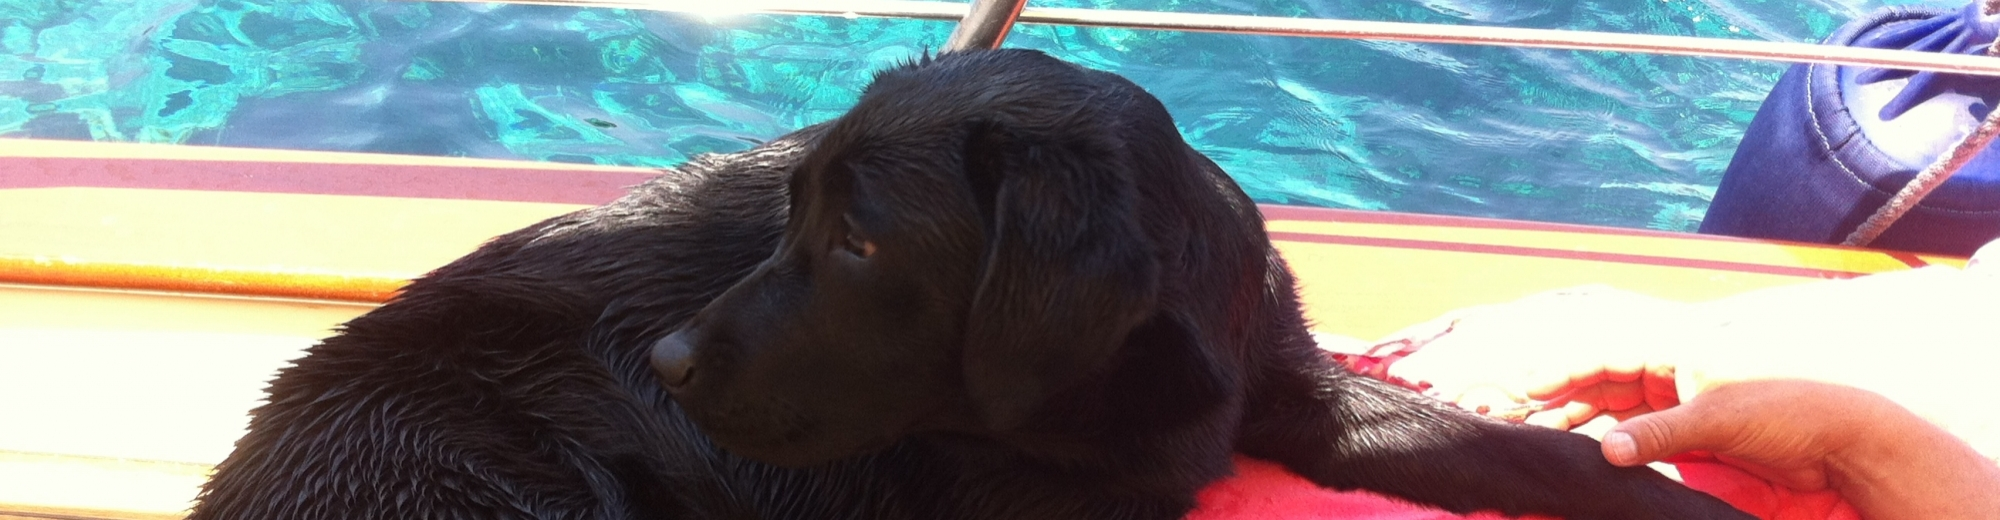 Disponibili noleggio barche pet friendly